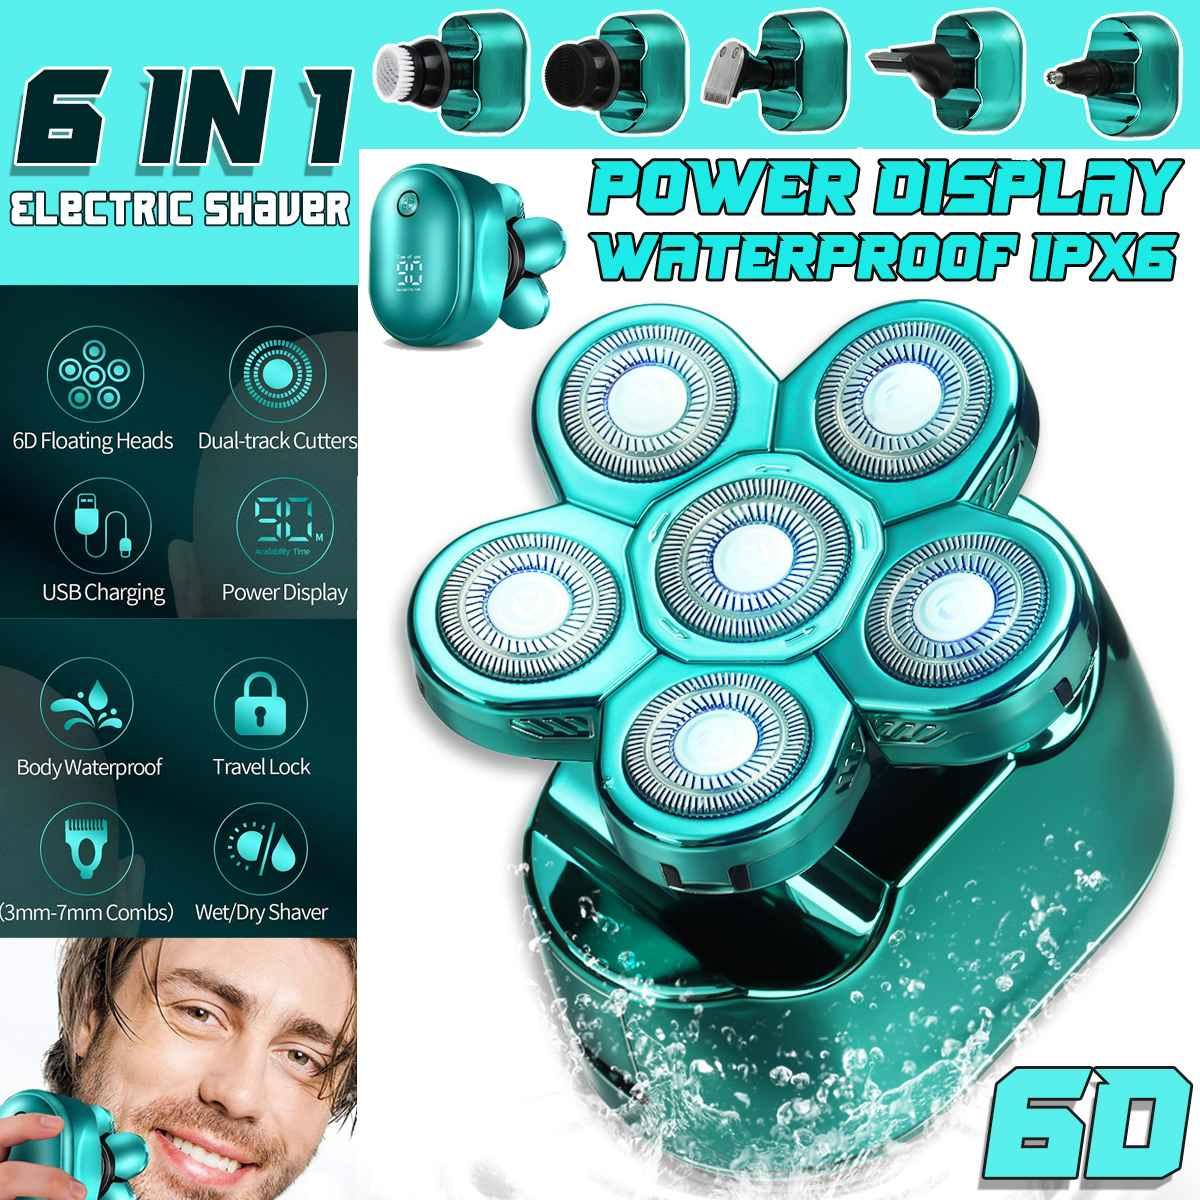 جديد 6in1 متعددة أدوات للعناية الشخصية الرقمية ماكينة حلاقة كهربائية الشعر المتقلب اللحية الحلاقة الكهربائية الرطب الجاف الرجال الوجه والجسم...